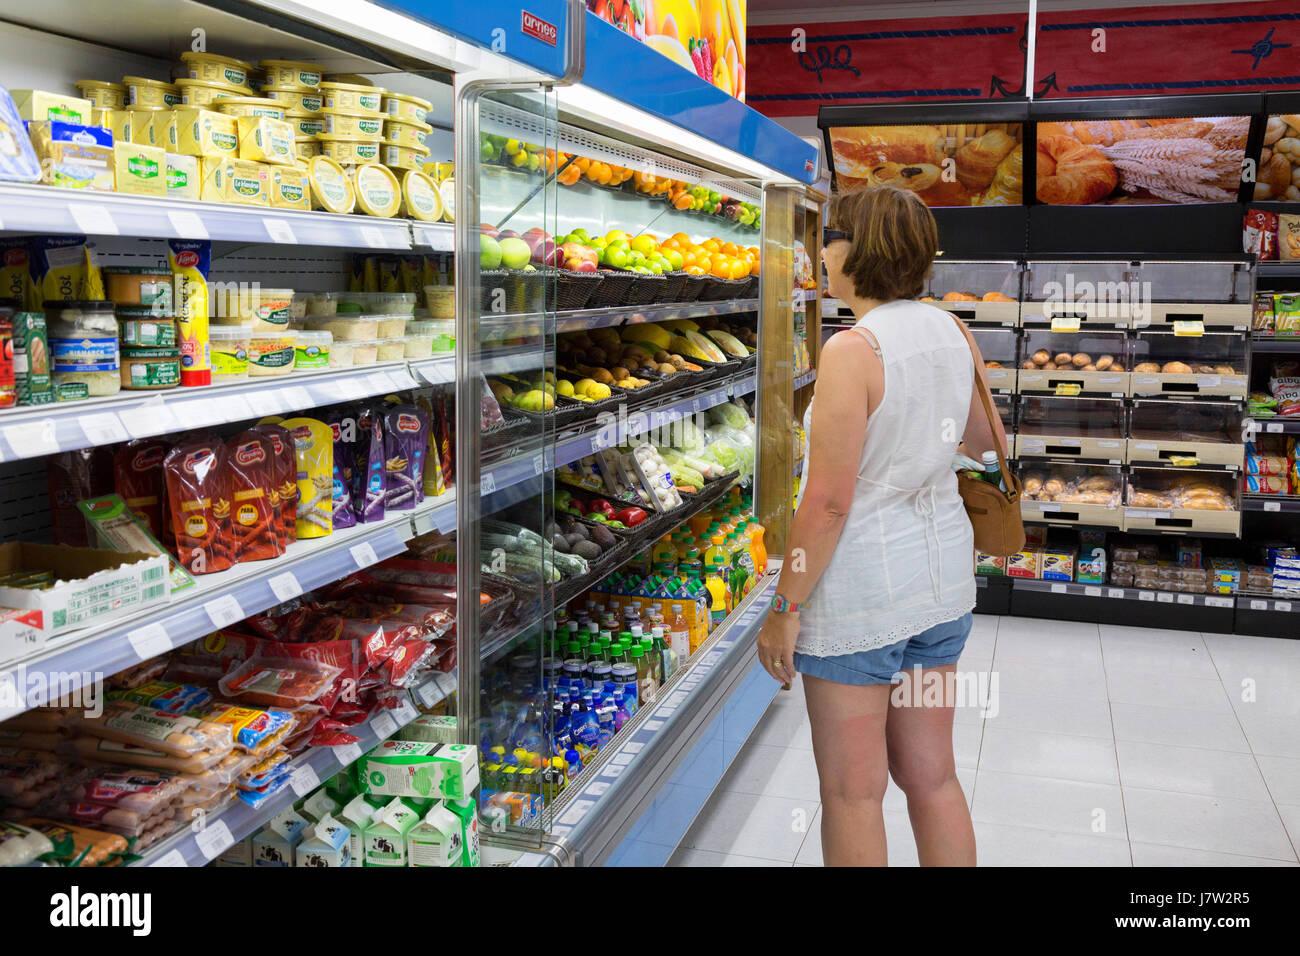 Lanzarote Supermarkt - eine Frau in einem Supermarkt in Lanzarote, Kanarische Inseln Europa einkaufen Stockbild